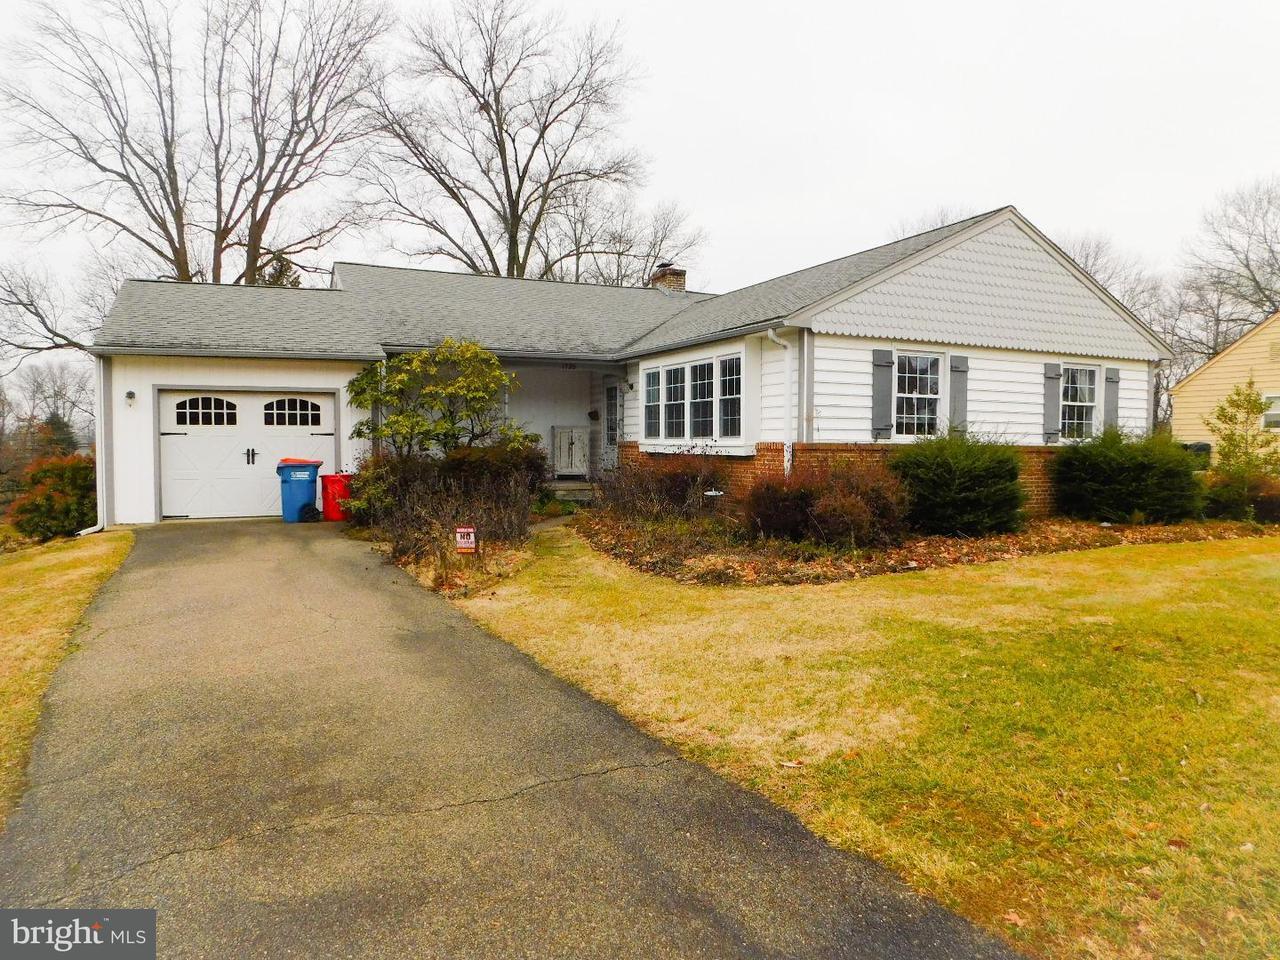 独户住宅 为 销售 在 1720 MAGNOLIA Lane Jeffersonville, 宾夕法尼亚州 19403 美国